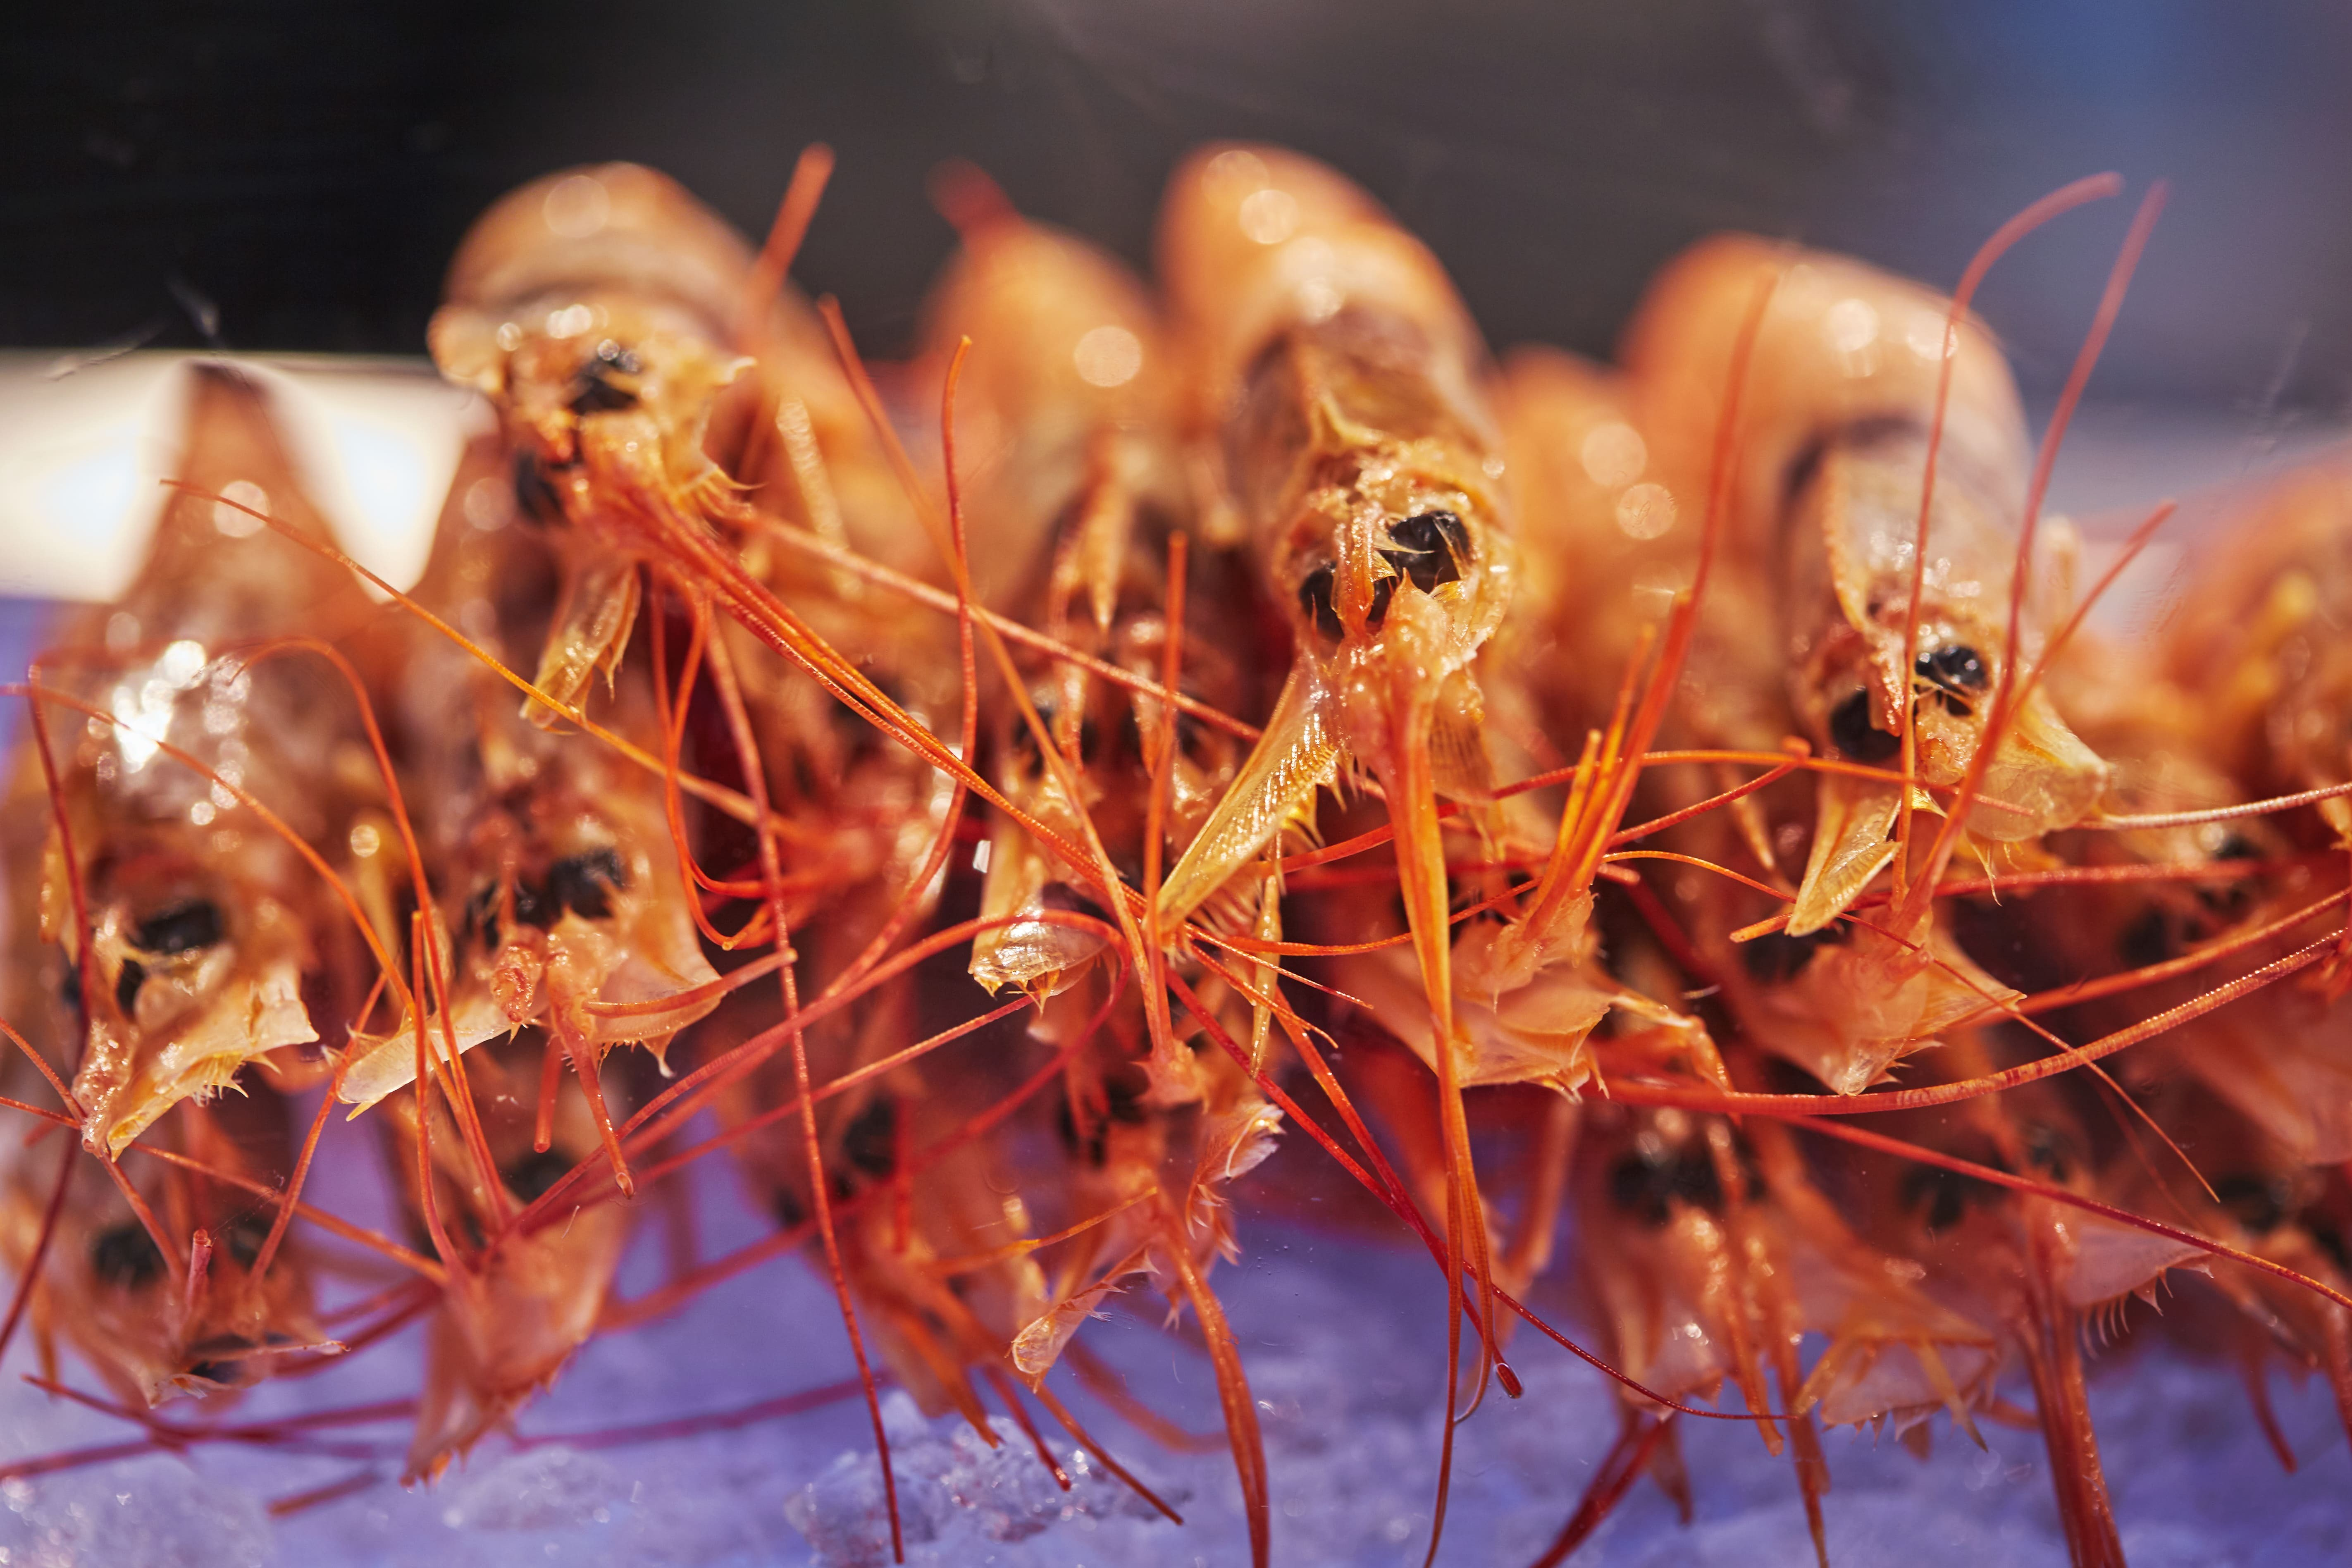 Шеф рекомендует: как определить свежесть морепродуктов